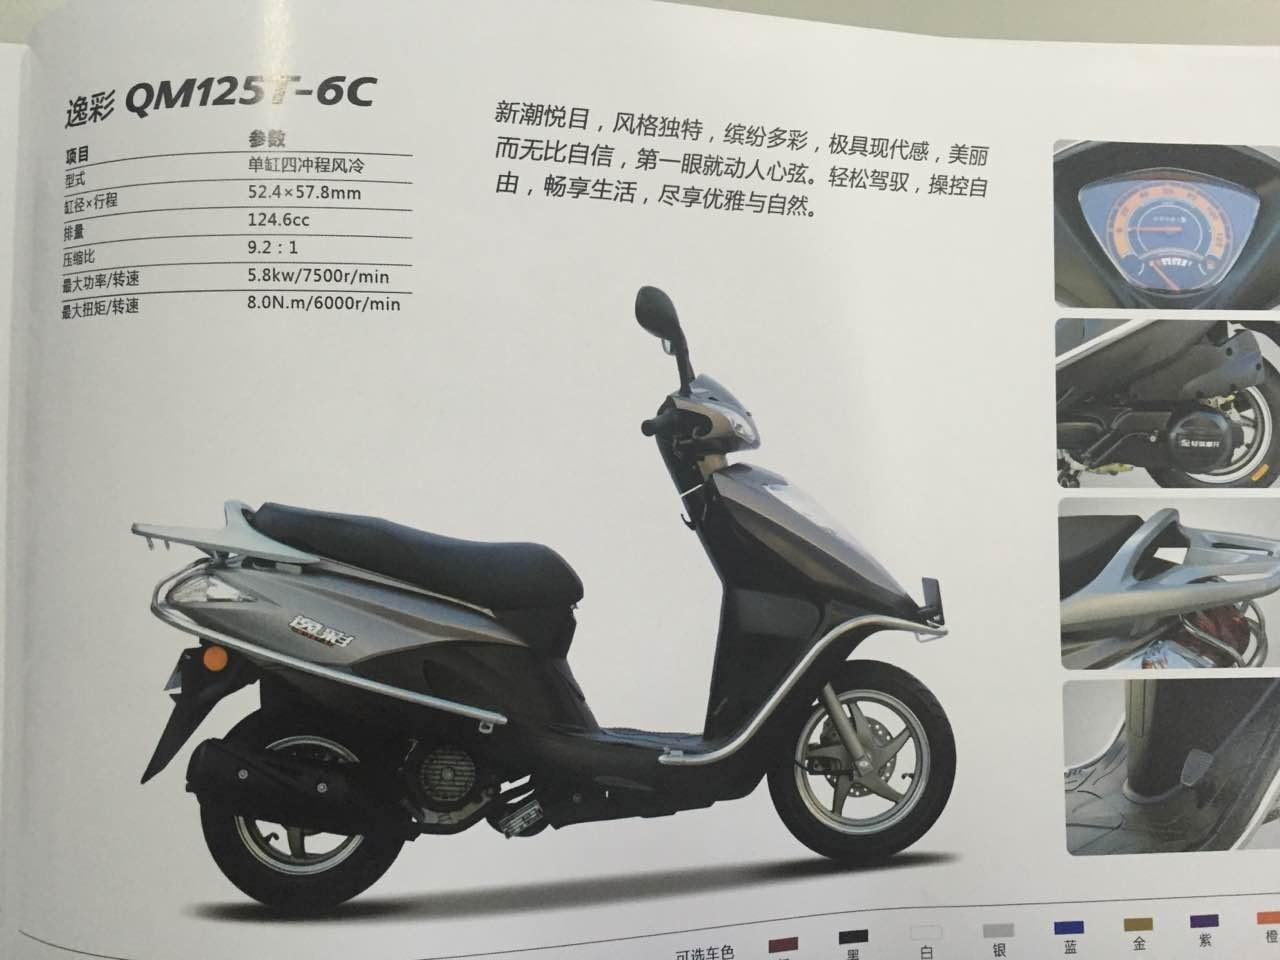 轻骑qm125t-6c 逸彩 臻彩 五羊本田小公主dio款 女装踏板摩托车图片